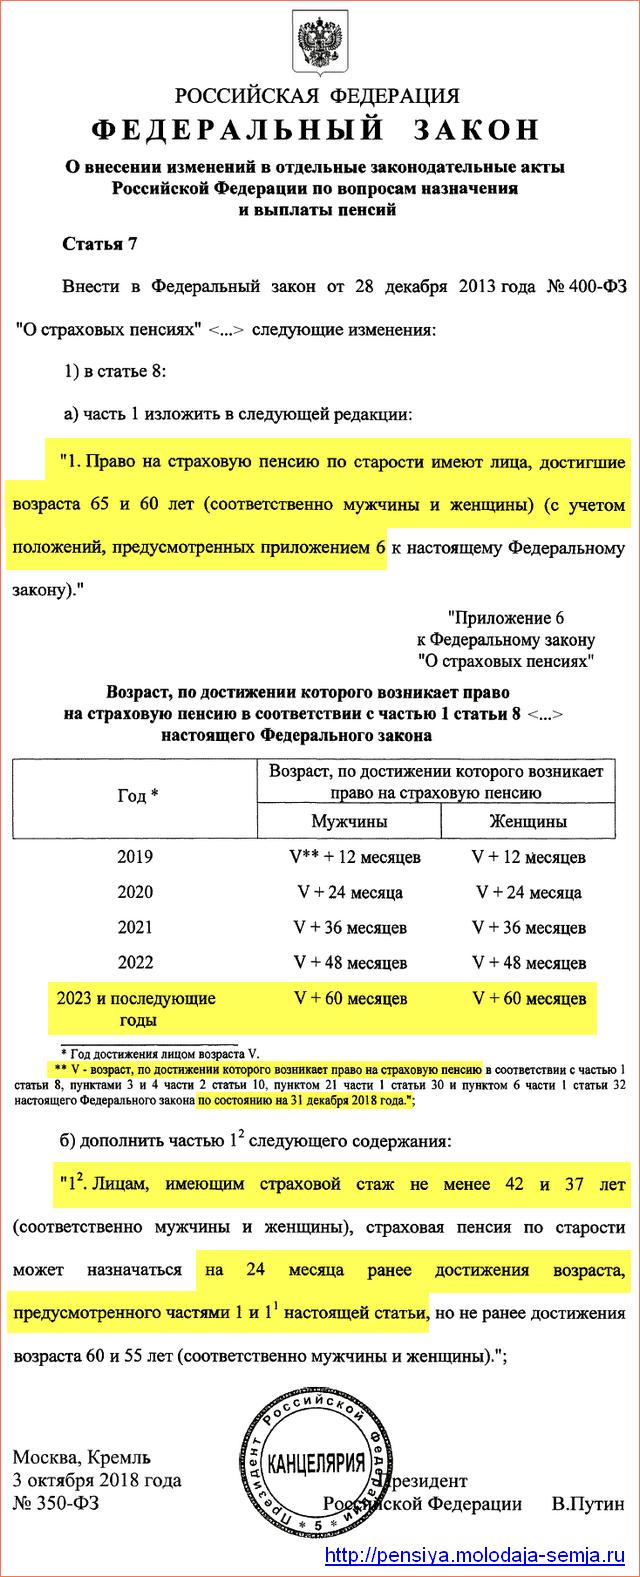 Изображение - Повышение пенсионного возраста в 2018 году zakon-o-povyshenii-pensionnogo-vozrasta-ot-03-10-2018-350-fz